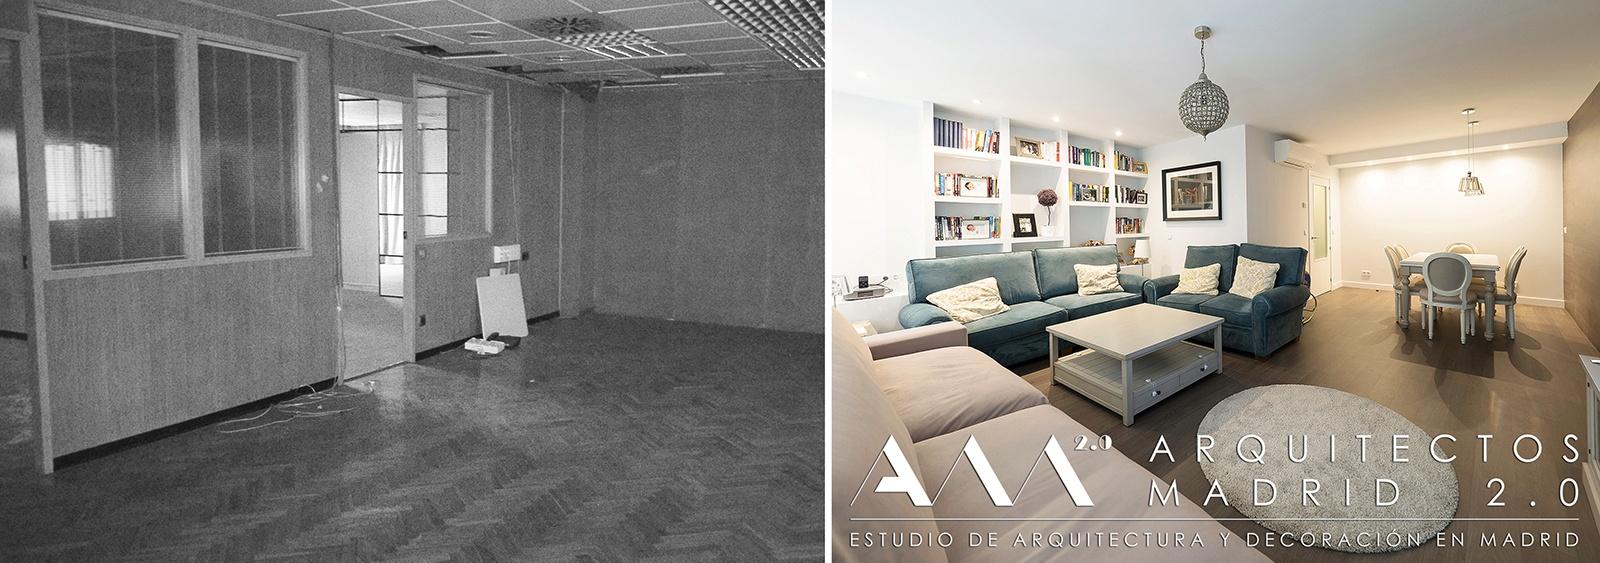 ideas-convertir-local-vivienda-cambio-de-uso-arquitectos-madrid-05